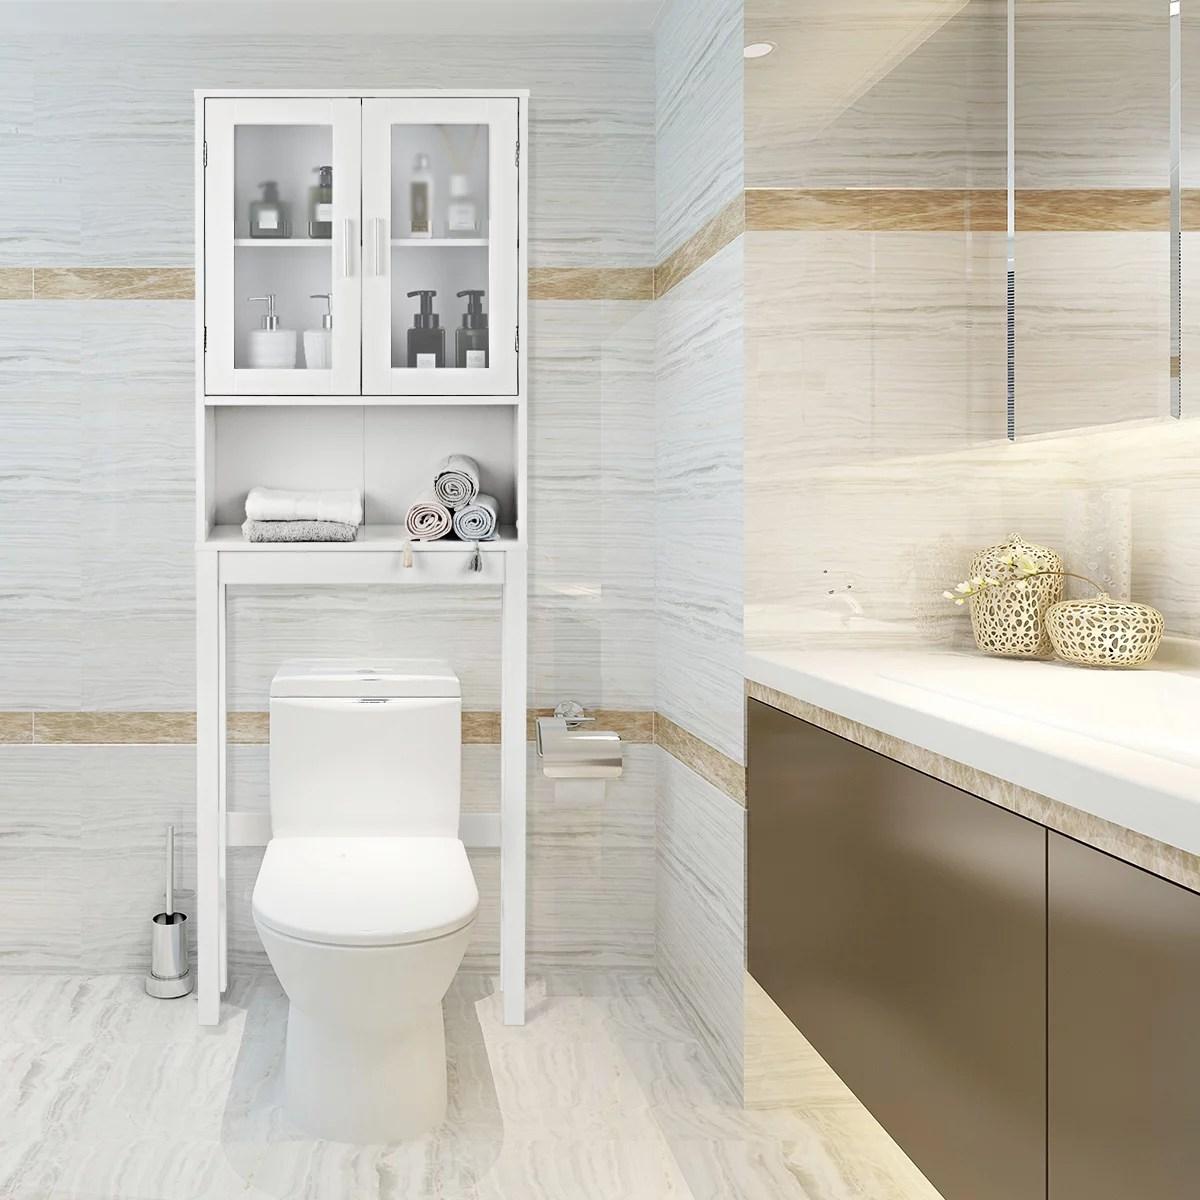 meuble de salle de bains dessus toilette avec 1 armoire a double porte et 1 etagere rangement ouverte style epure 57 5 x 18 6 x 170cm blanche